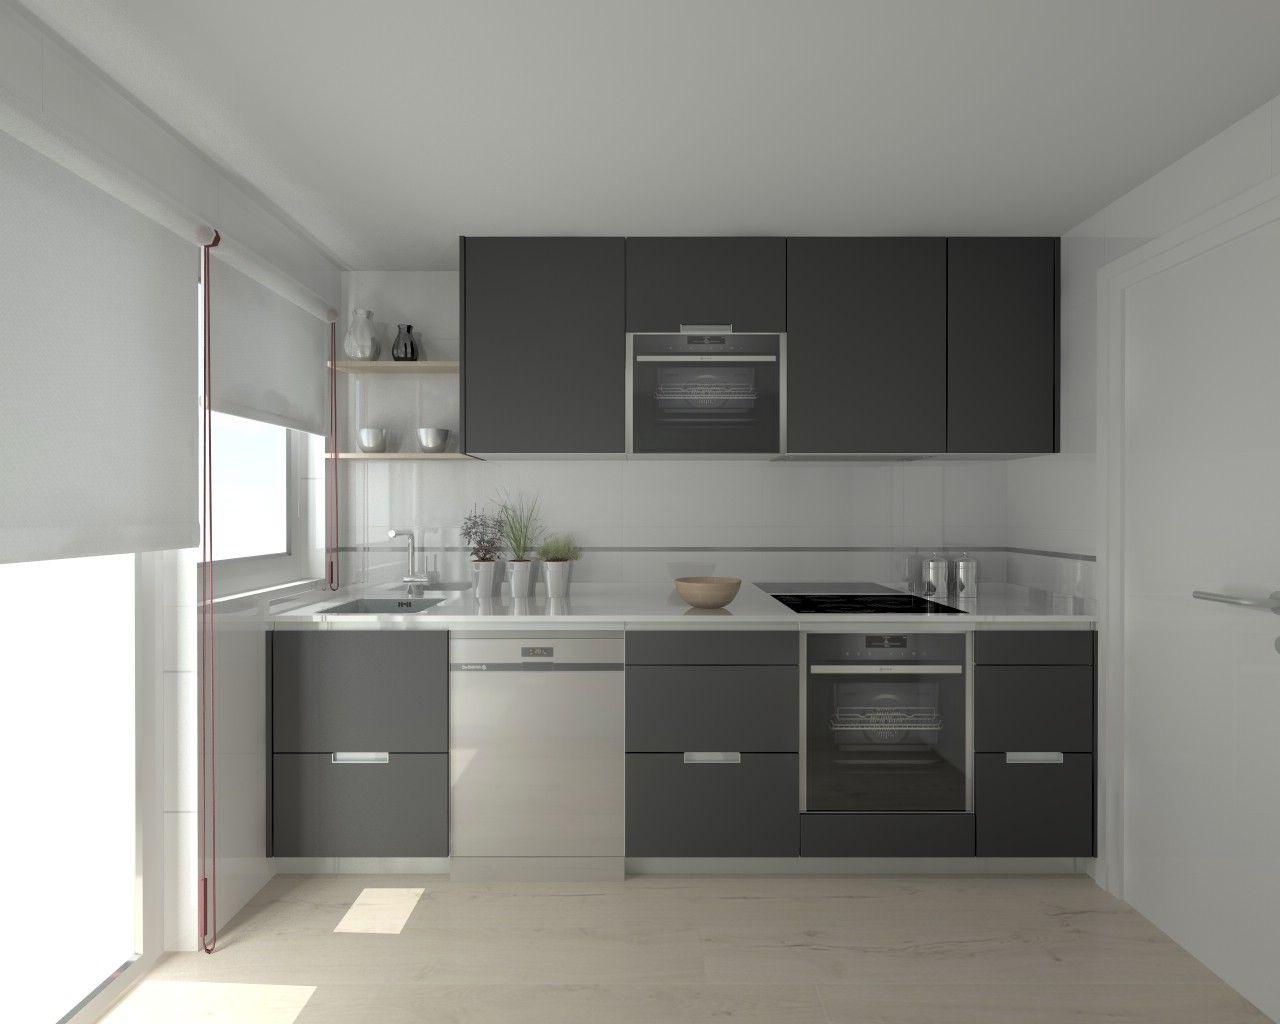 Cocina santos modelo minos e gris antracita encimera - Cocina blanca y gris ...